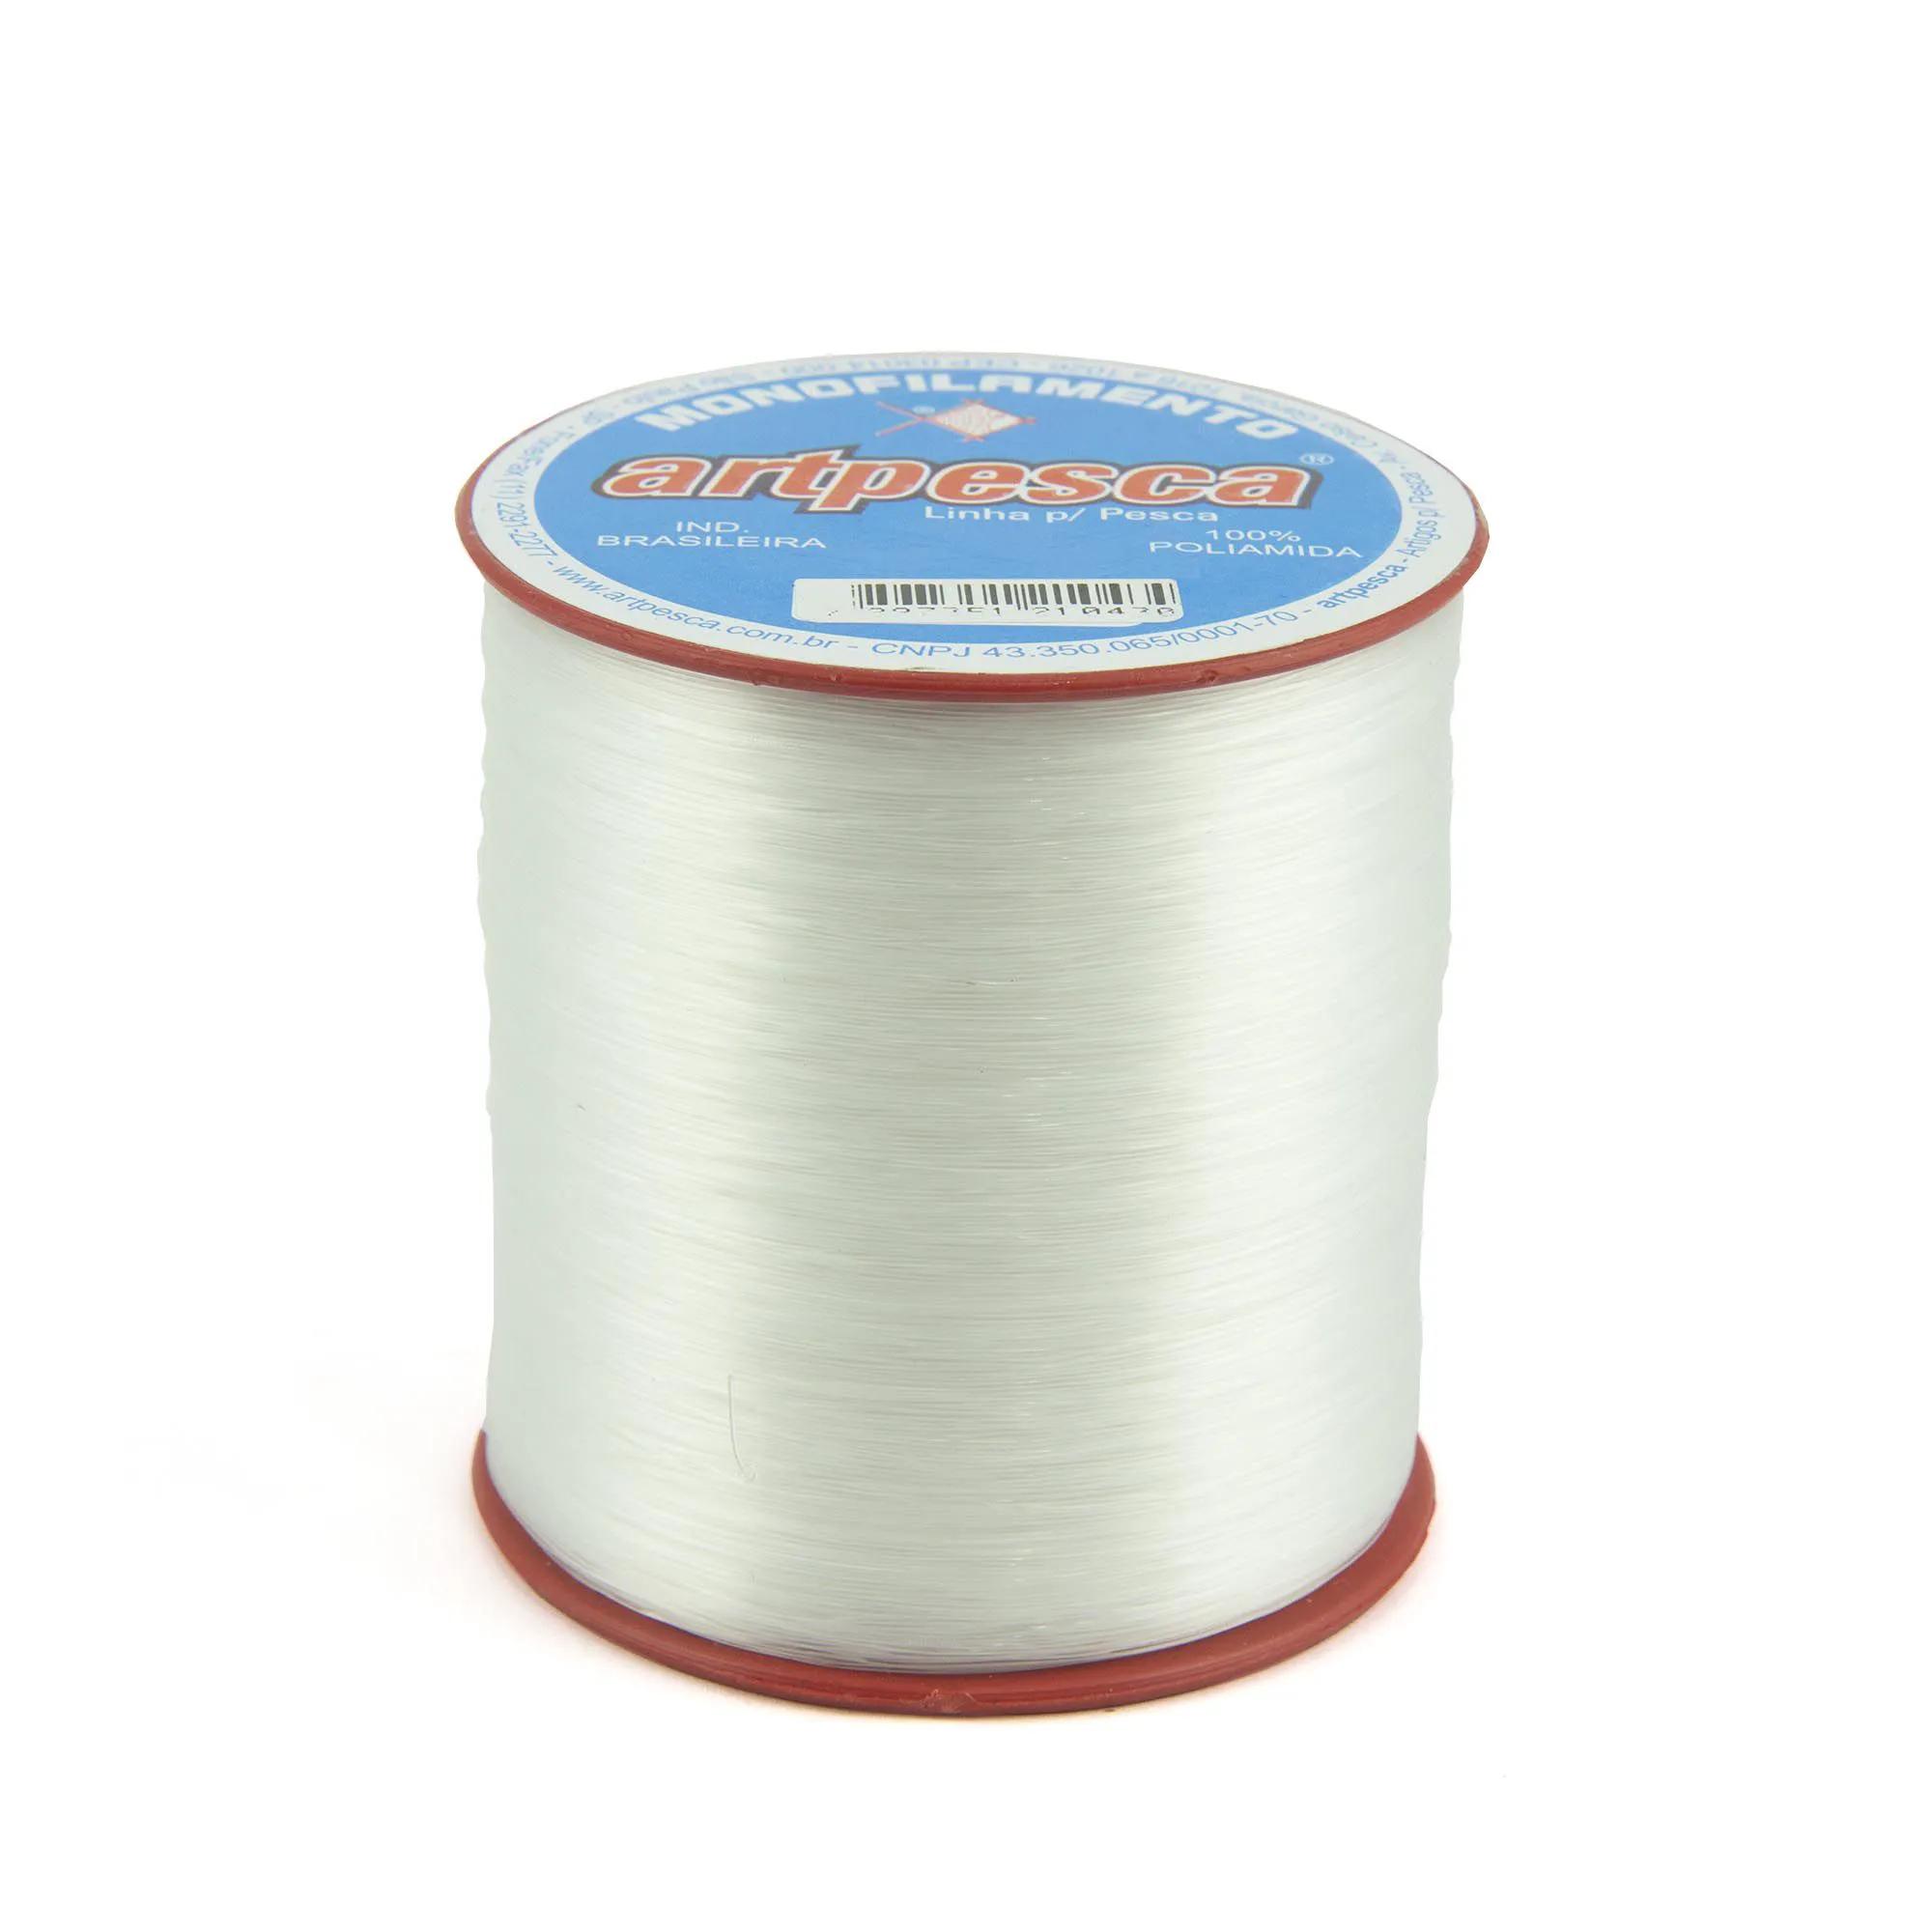 Linha de Nylon Artpesca 0,35mm Branca - 1 unidades com 100gr  - Artpesca